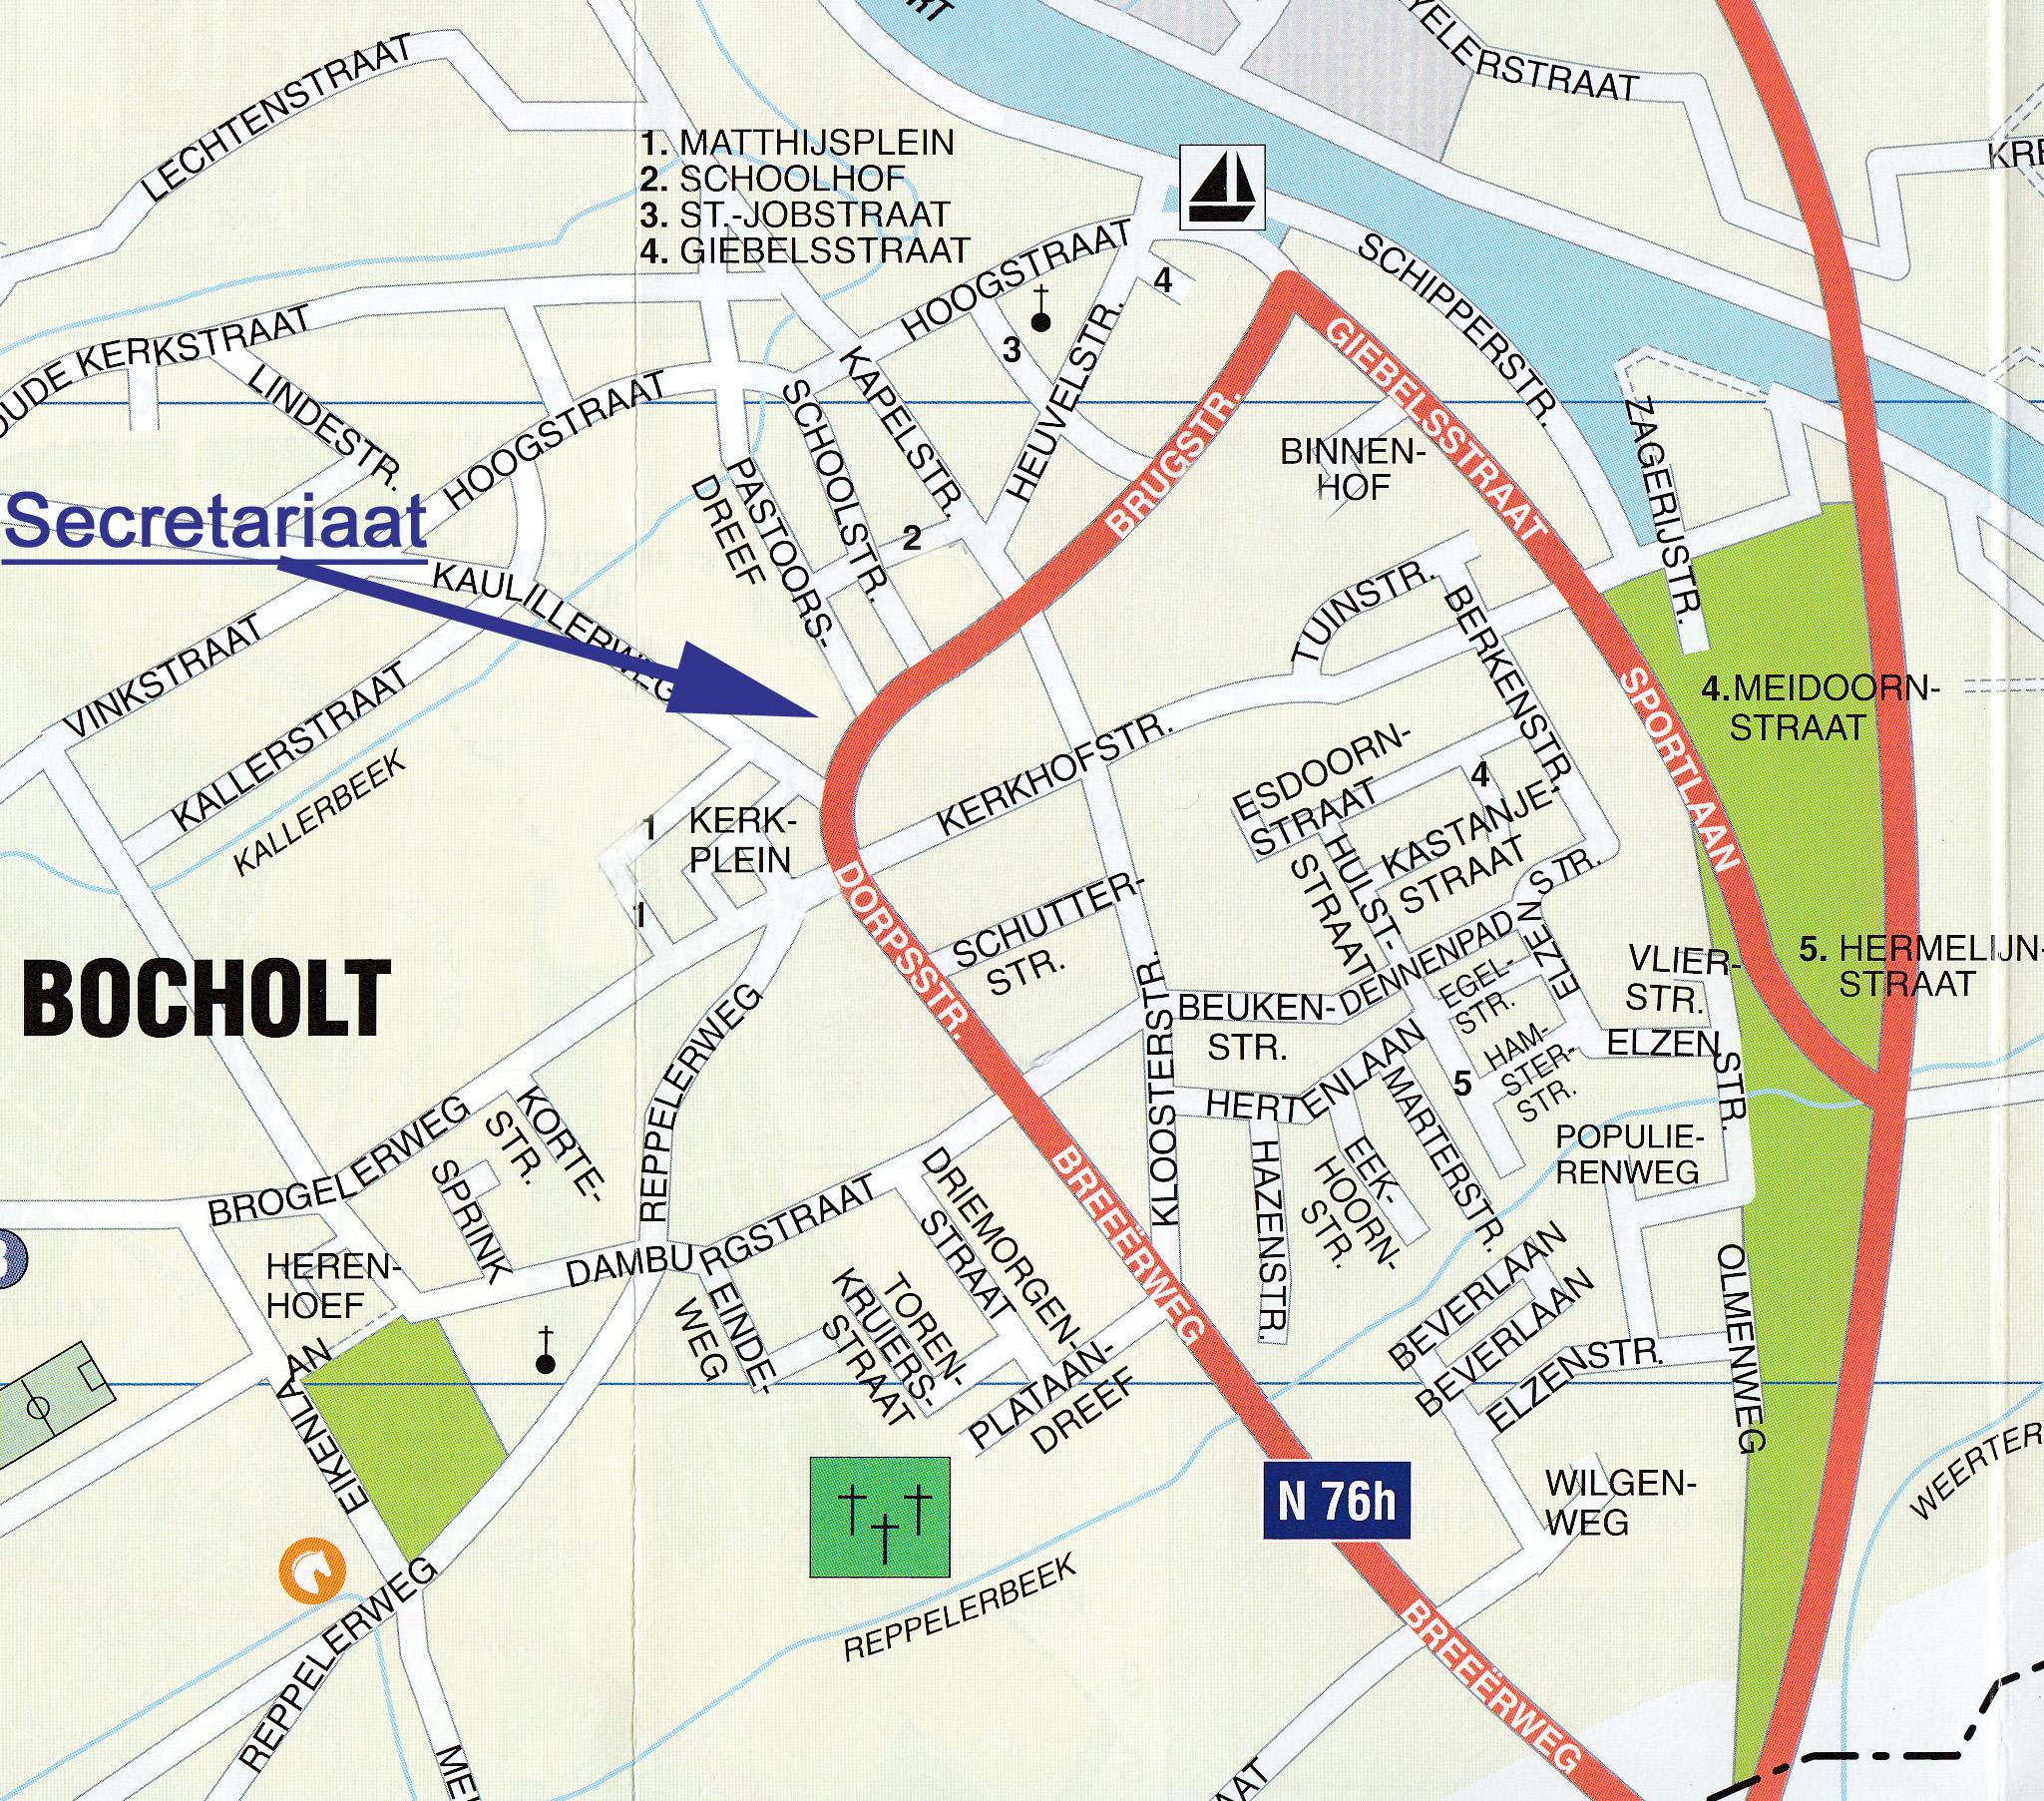 Bocholt, Dorpsstraat 20